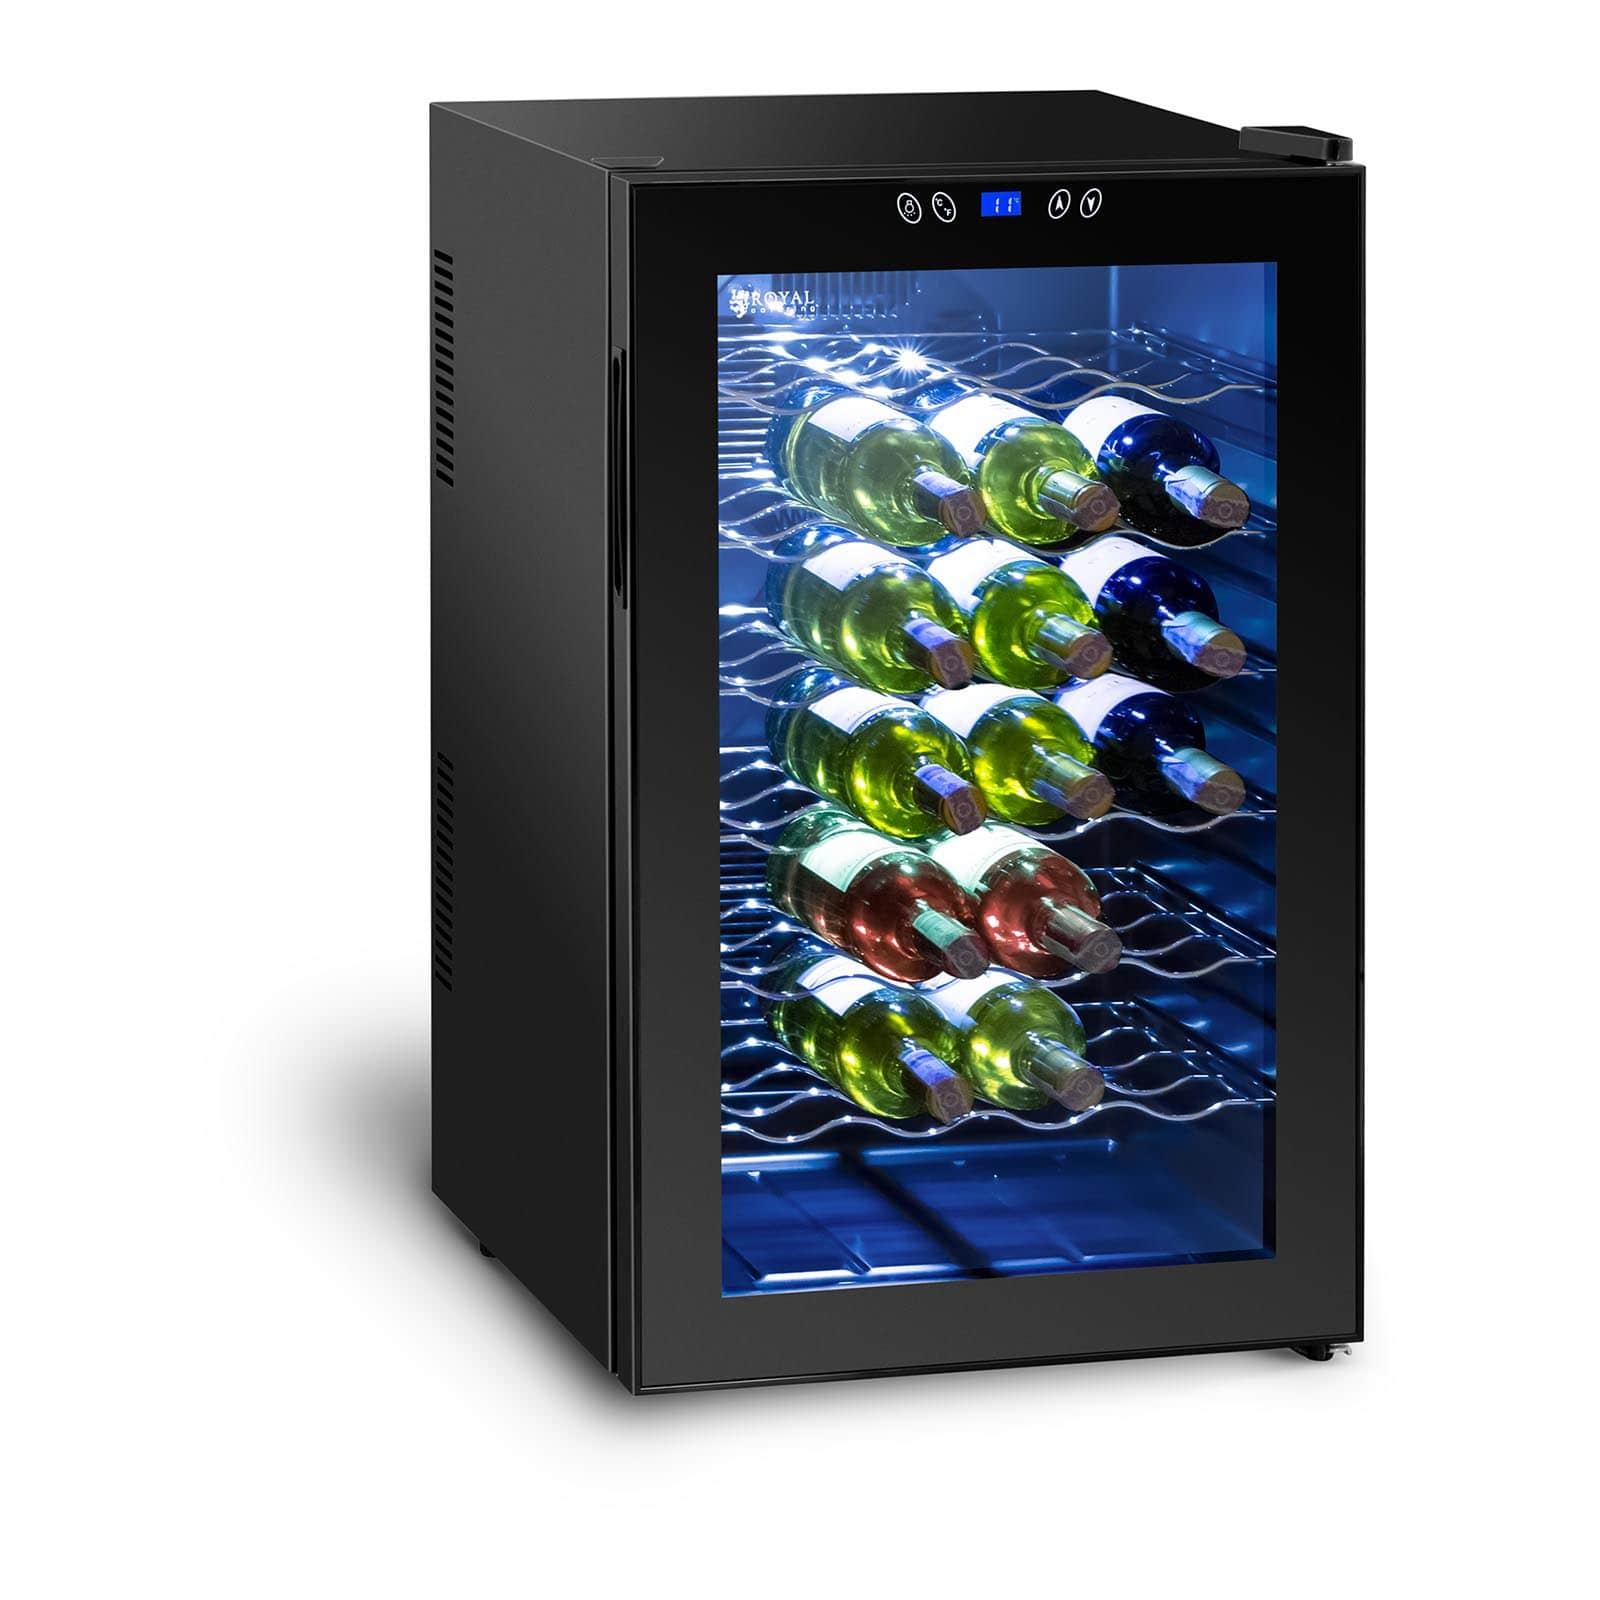 Weinkühlschränke